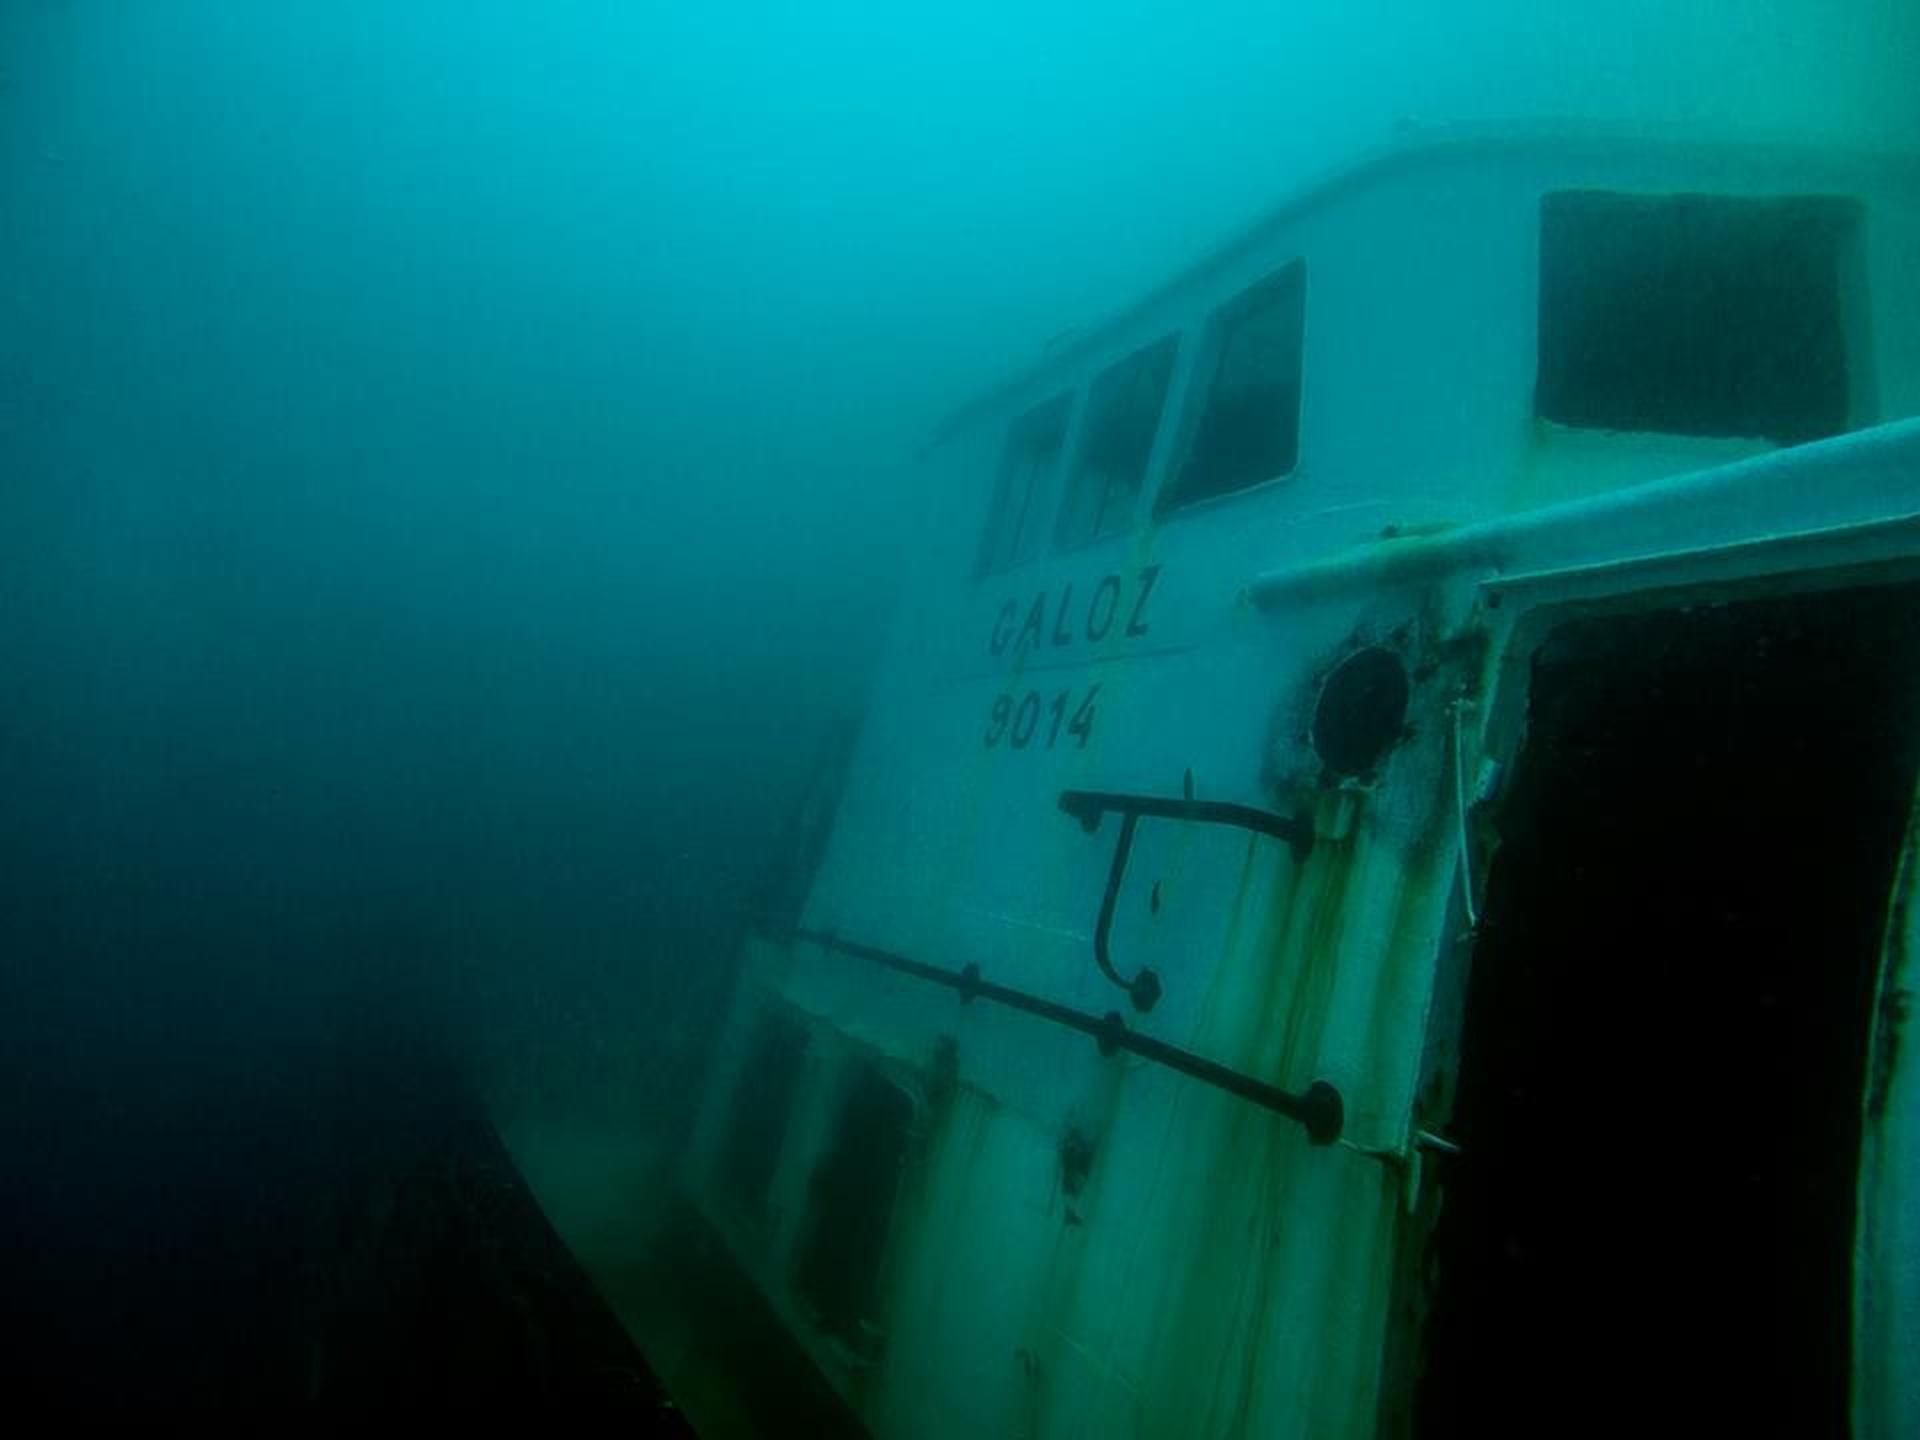 הספינה במצולות | צילום: אורן קליין